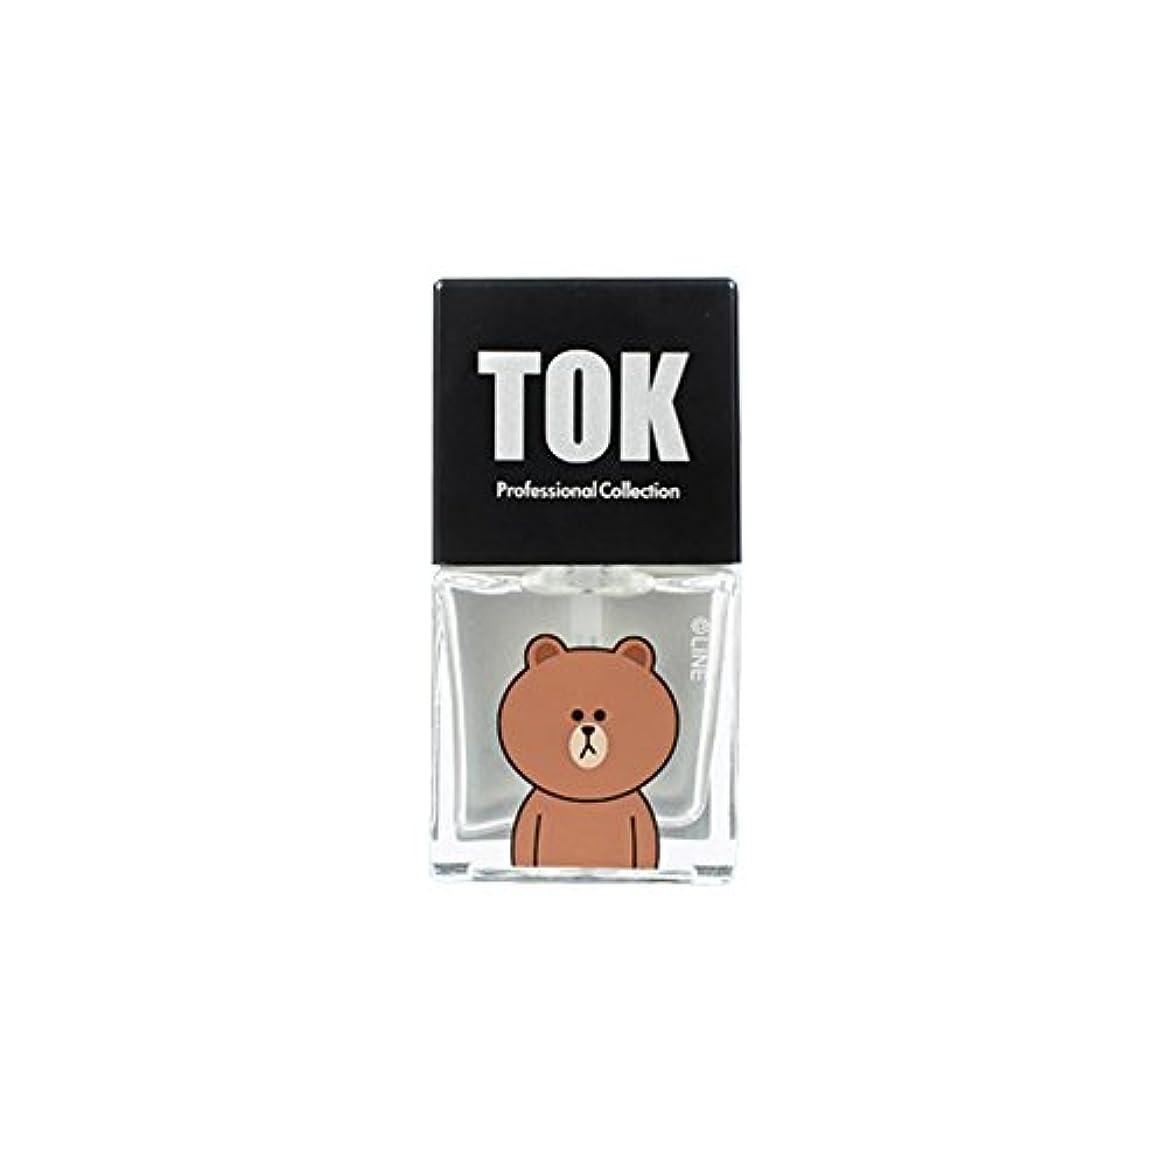 回路厳改善TOK Line Friends ネイル基本ケア ベースコート トップコート キューティクルオイル キューティクルリムーバー 栄養剤 /TOK Line Friends Nail Hybrid Basic Care[海外直送品...